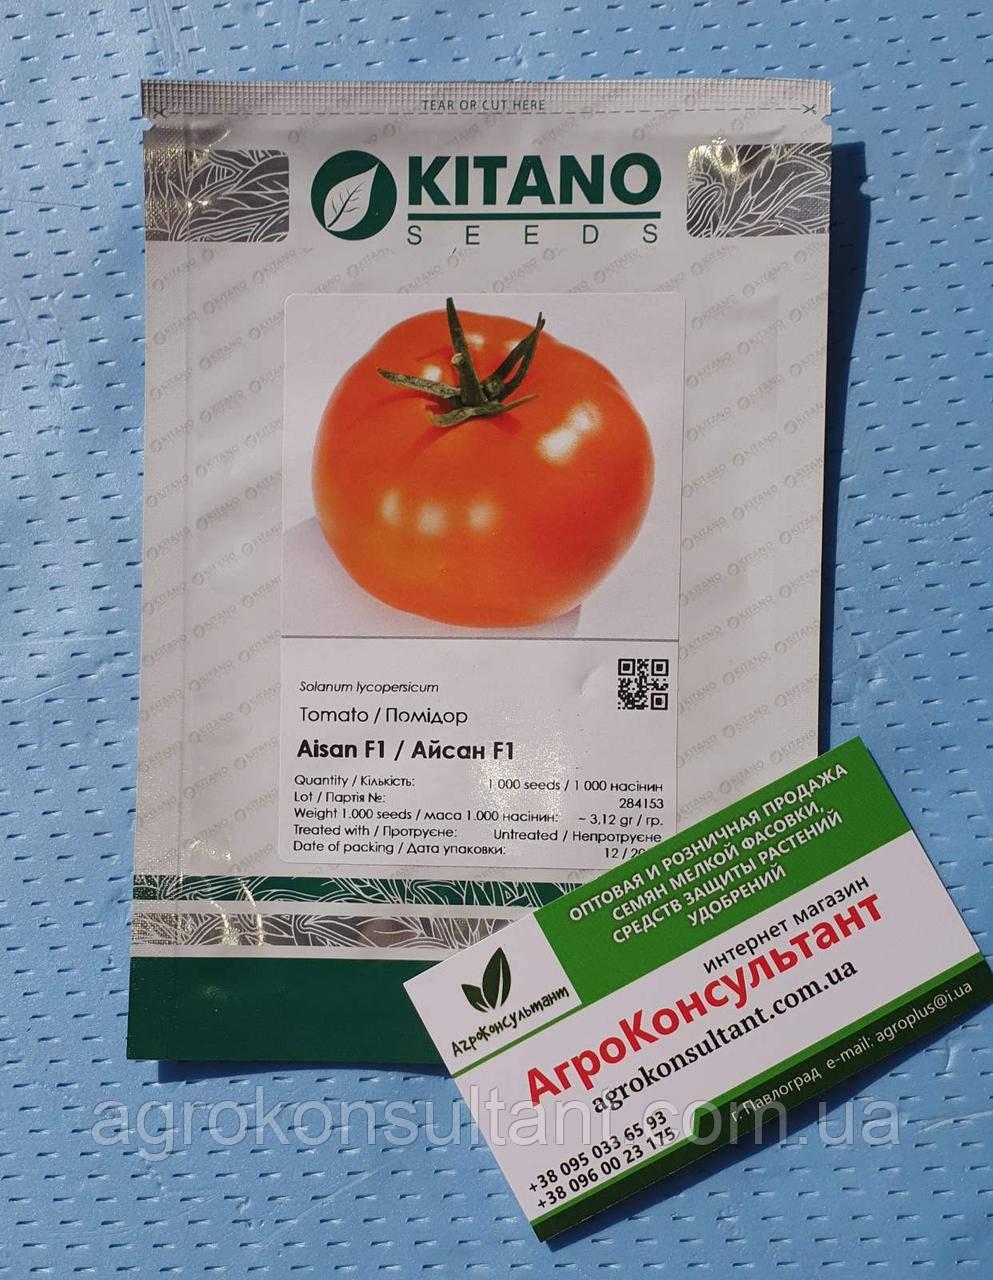 Семена томата Айсан F1, 1000 сем. (Kitano Seeds), - детерминантный, среднепоздний, оранжевый